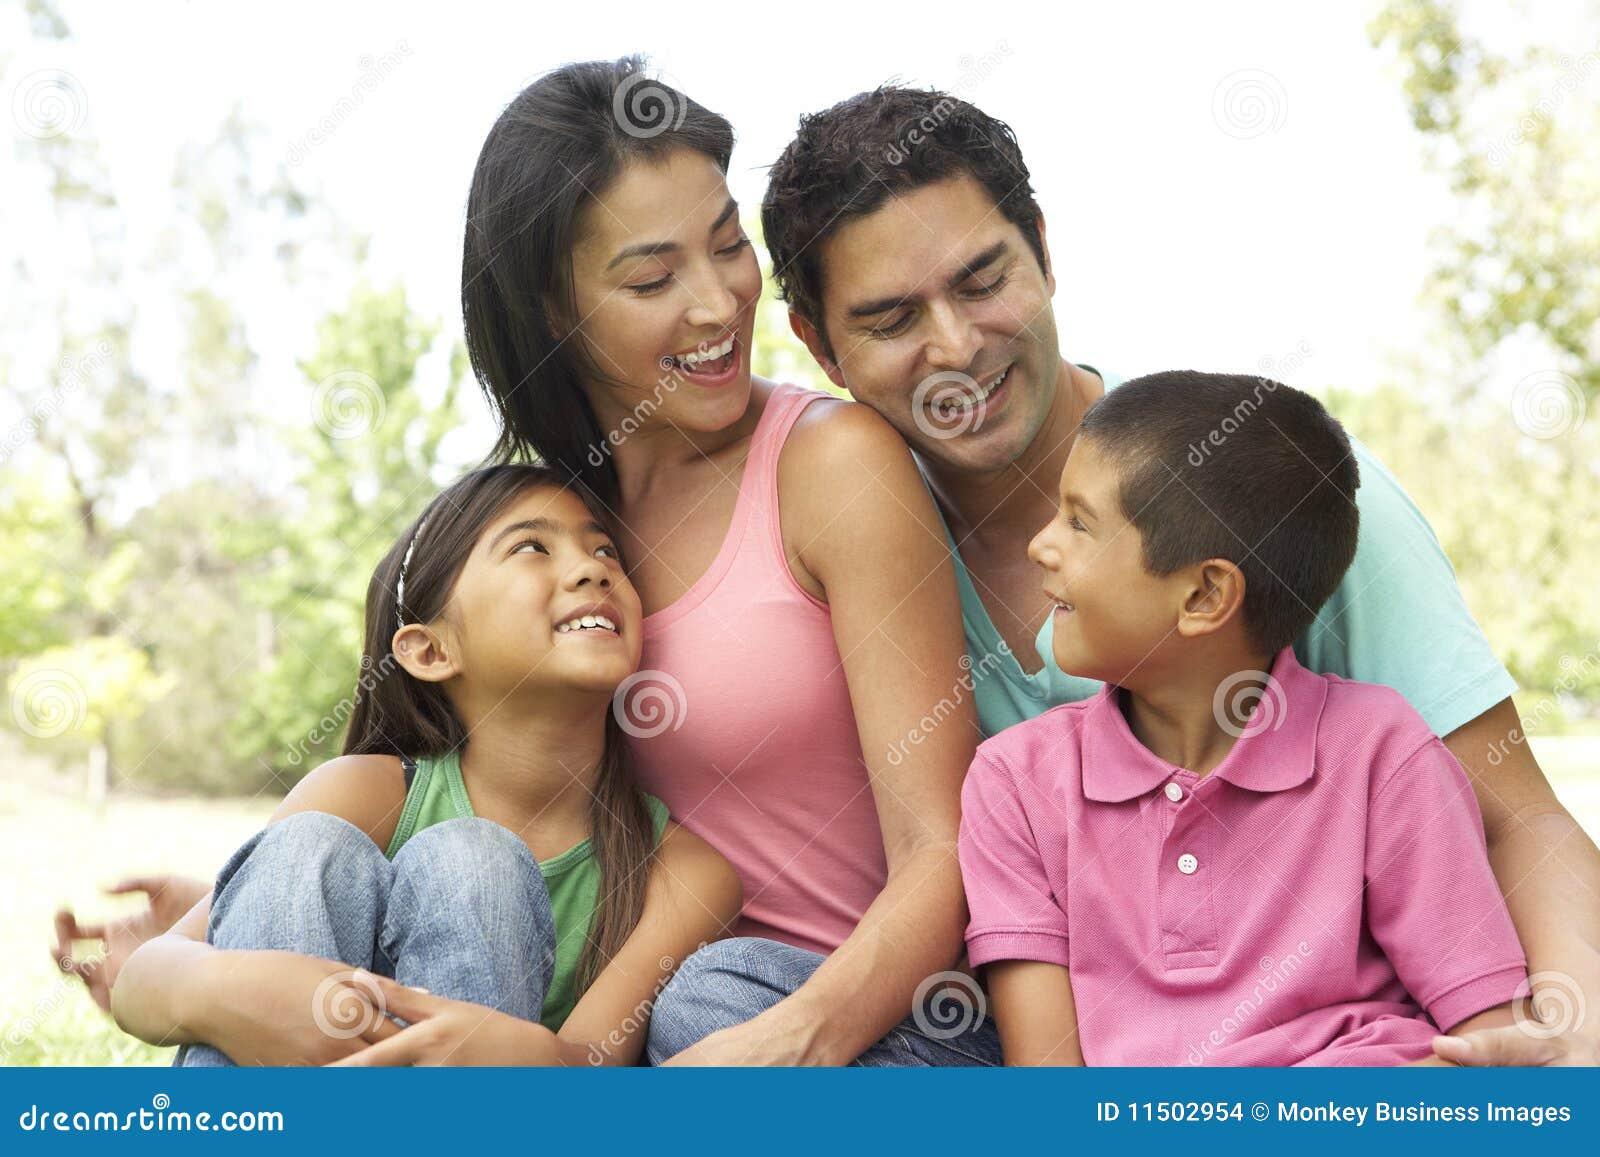 Family hispanic park portrait young